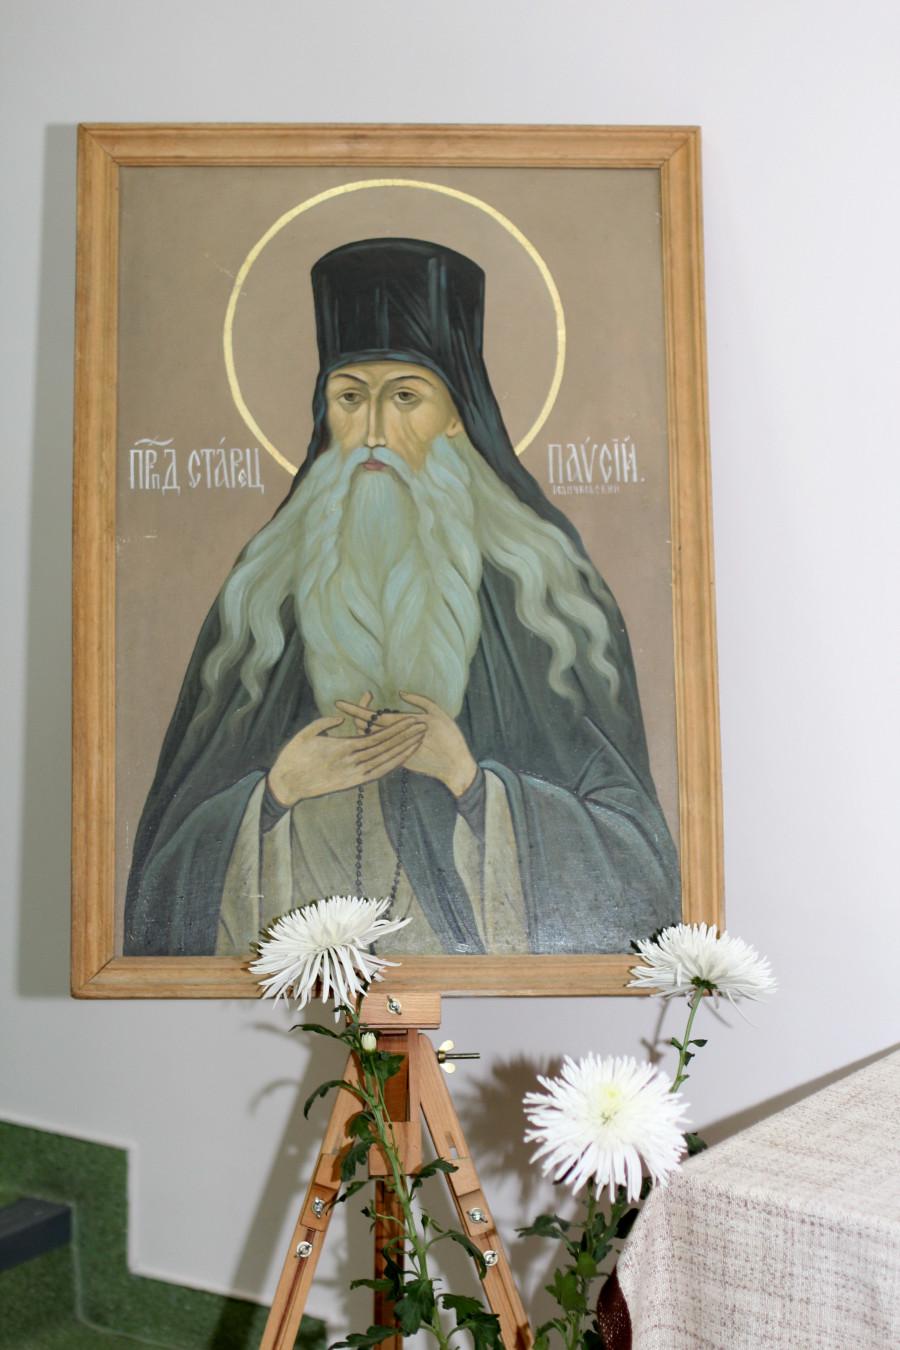 Прп. Паисий Величковский